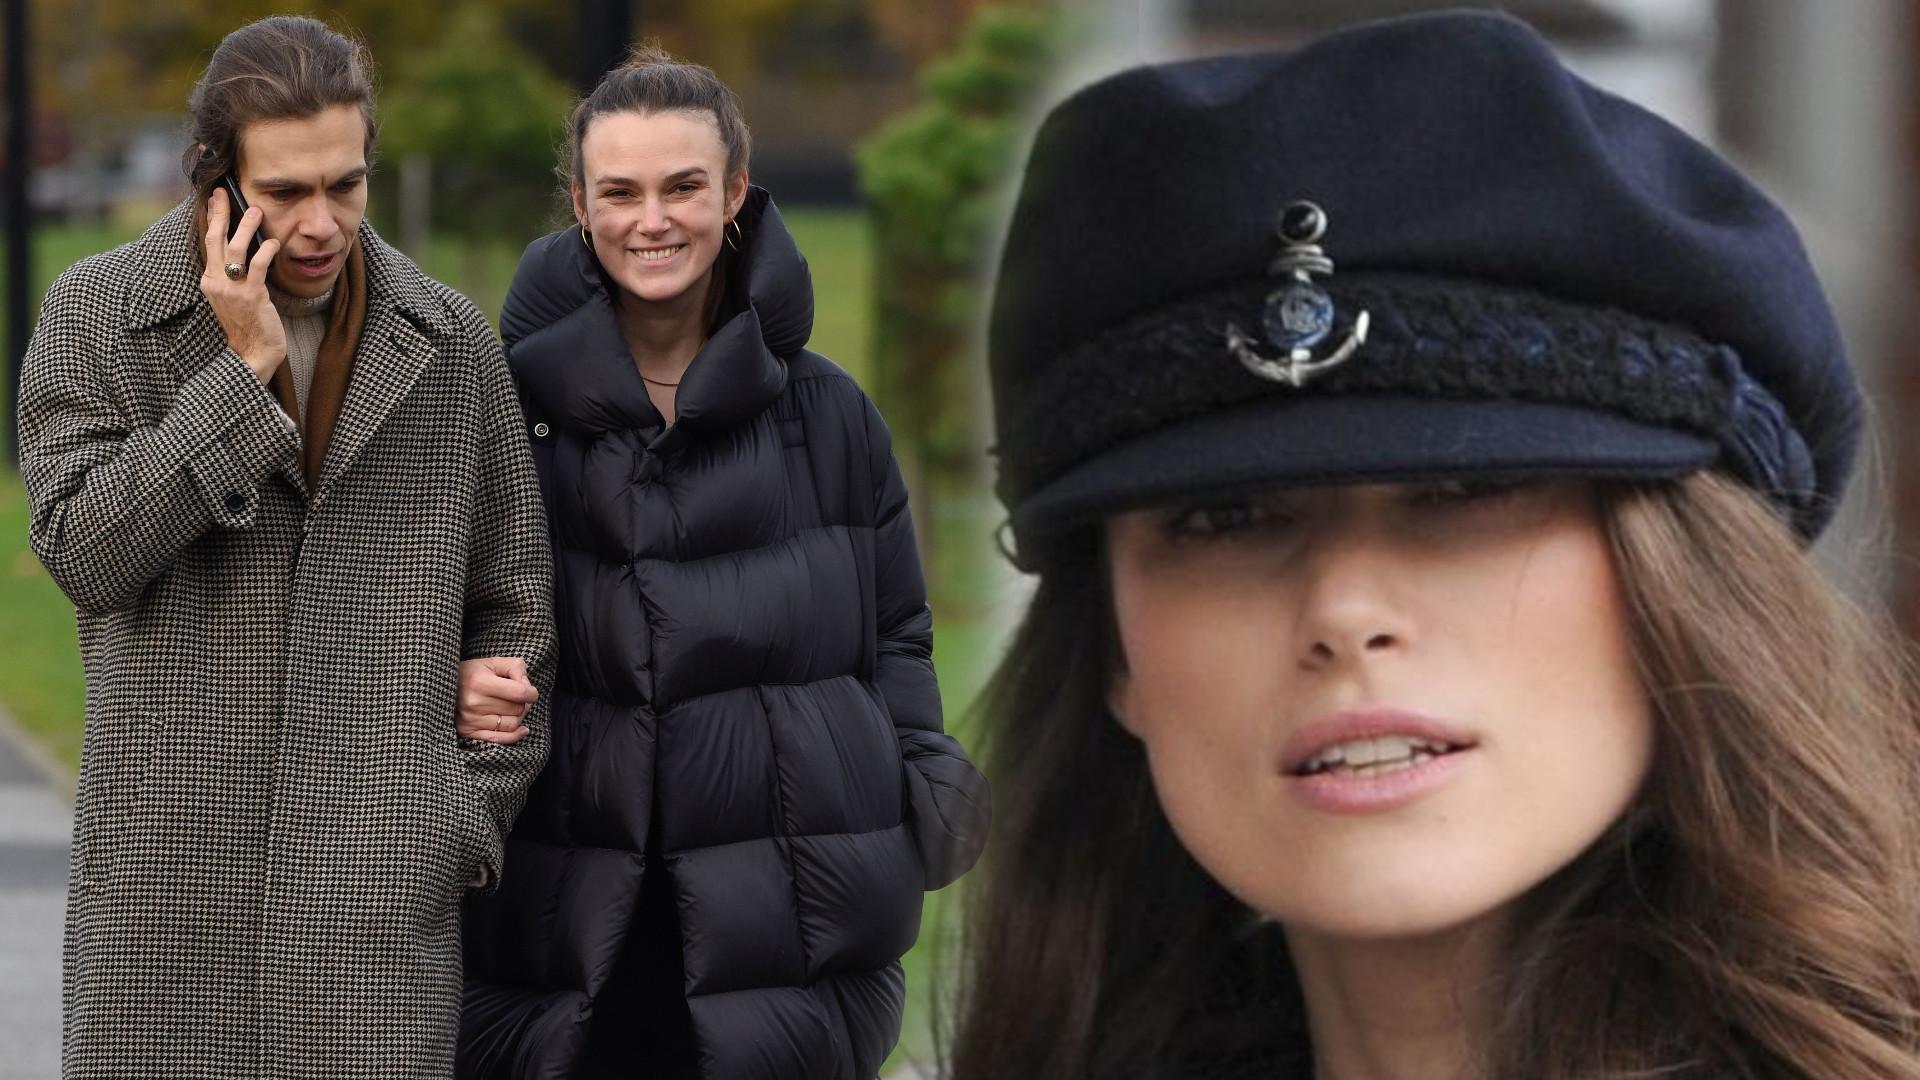 Keira Knightley opatulona jak bałwan, idzie z mężem na randkę (ZDJĘCIA)